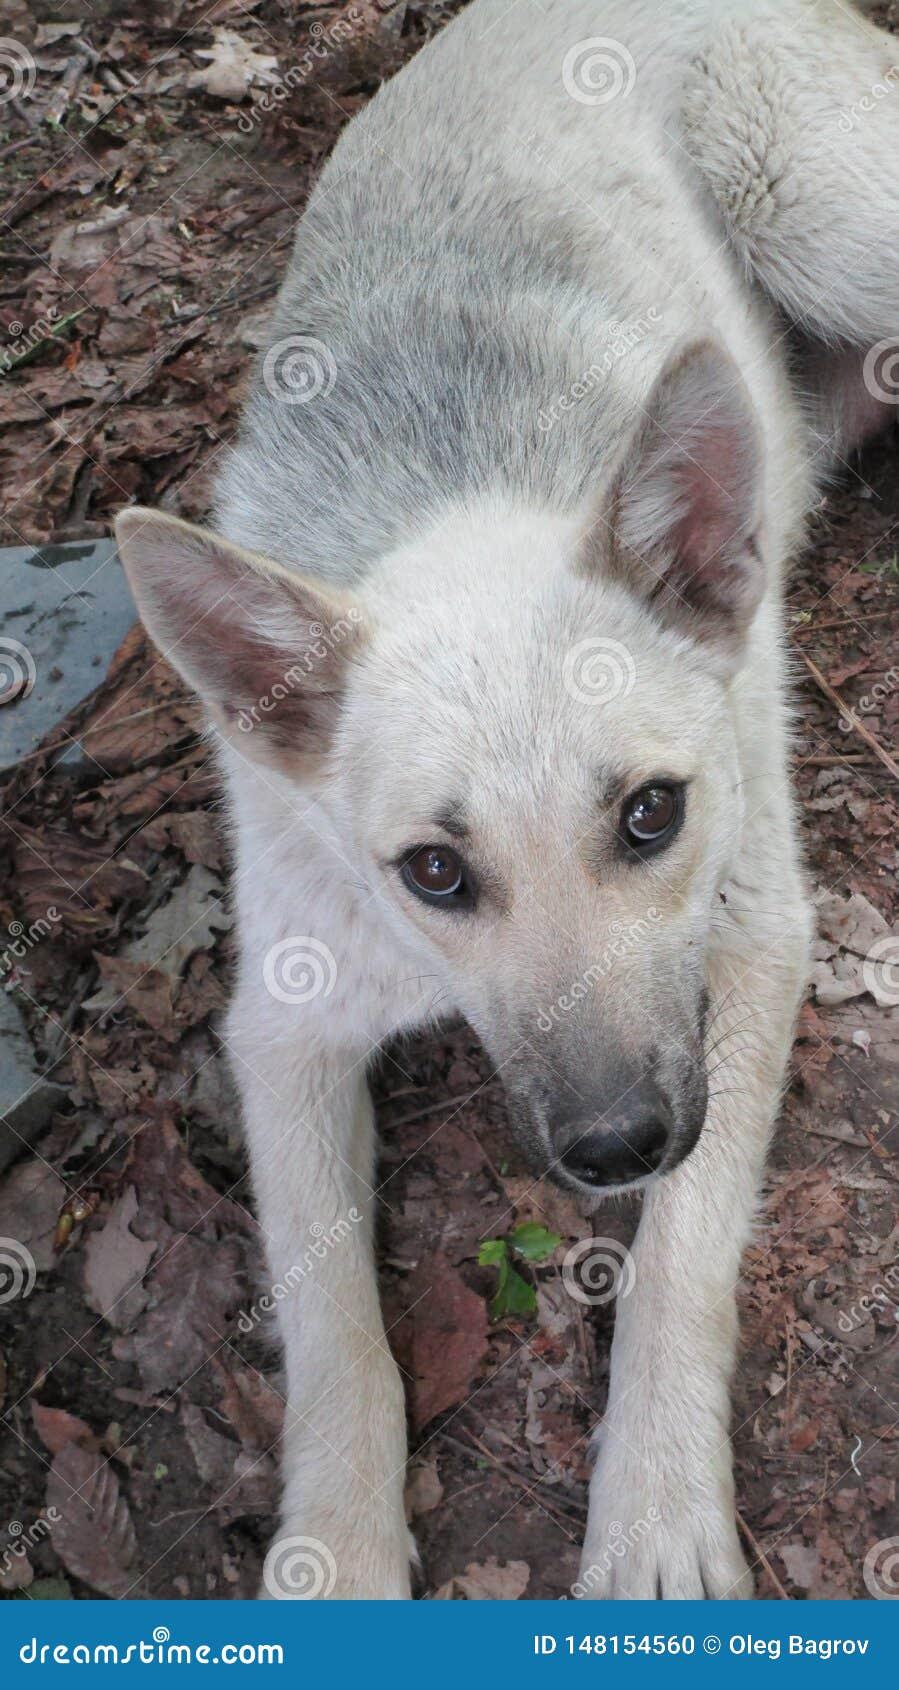 Jong puppy met expressieve ogen